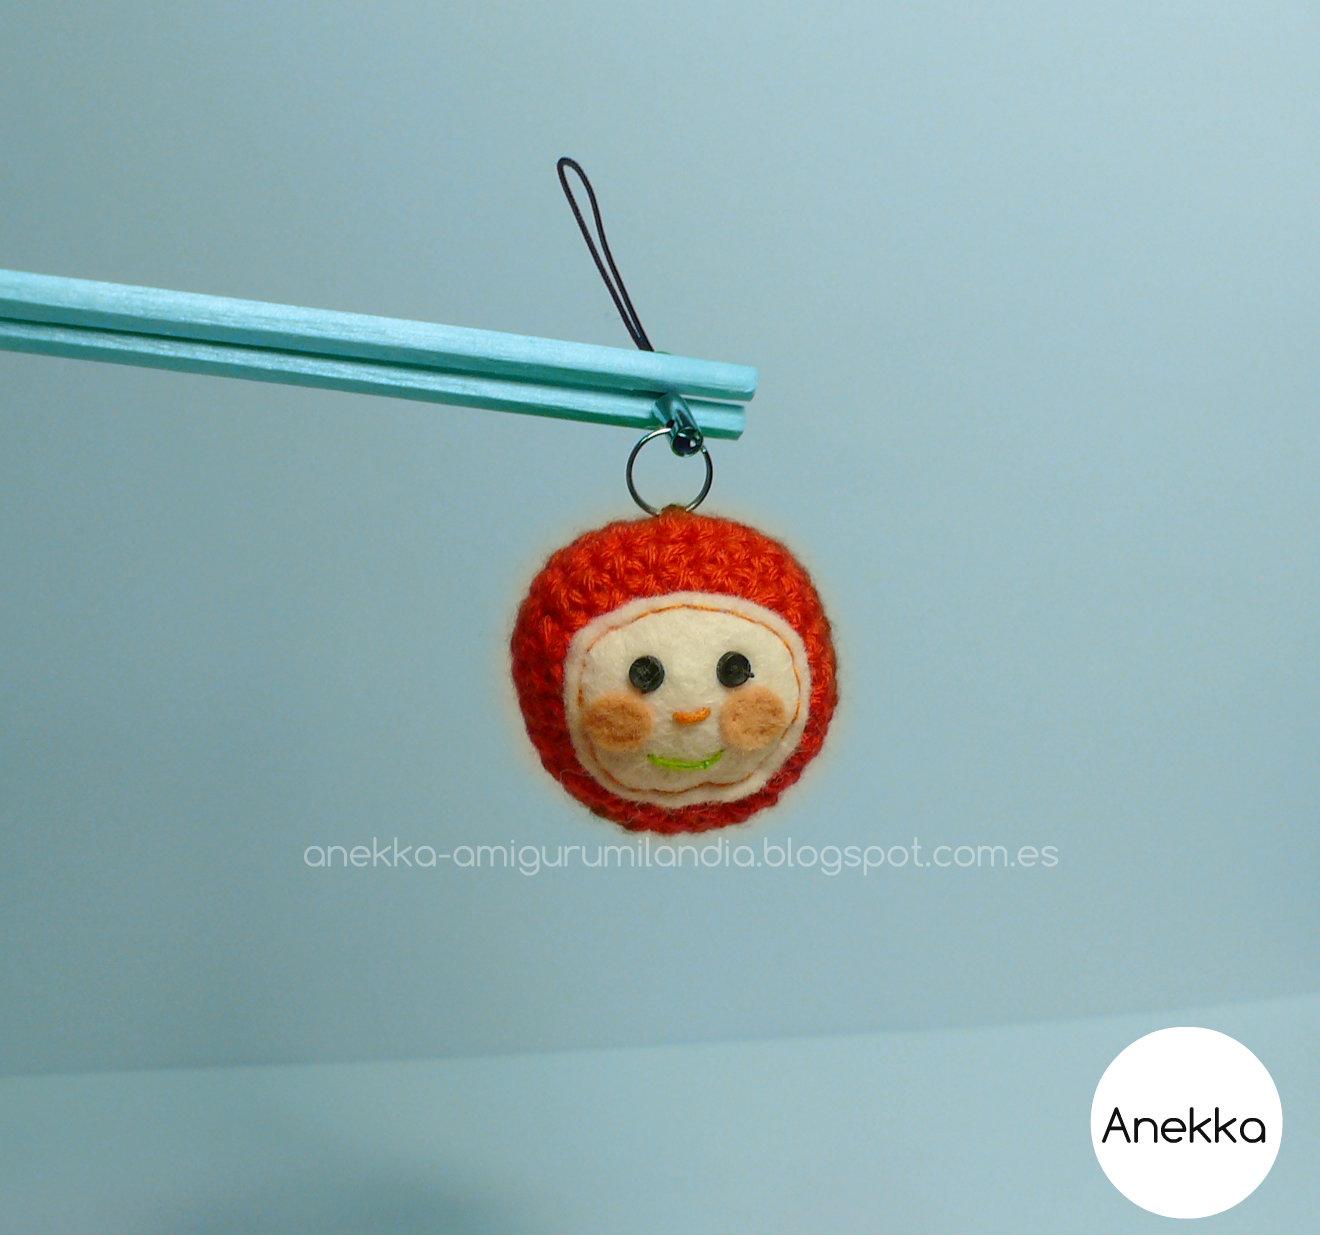 keychain tomato anekka handmade